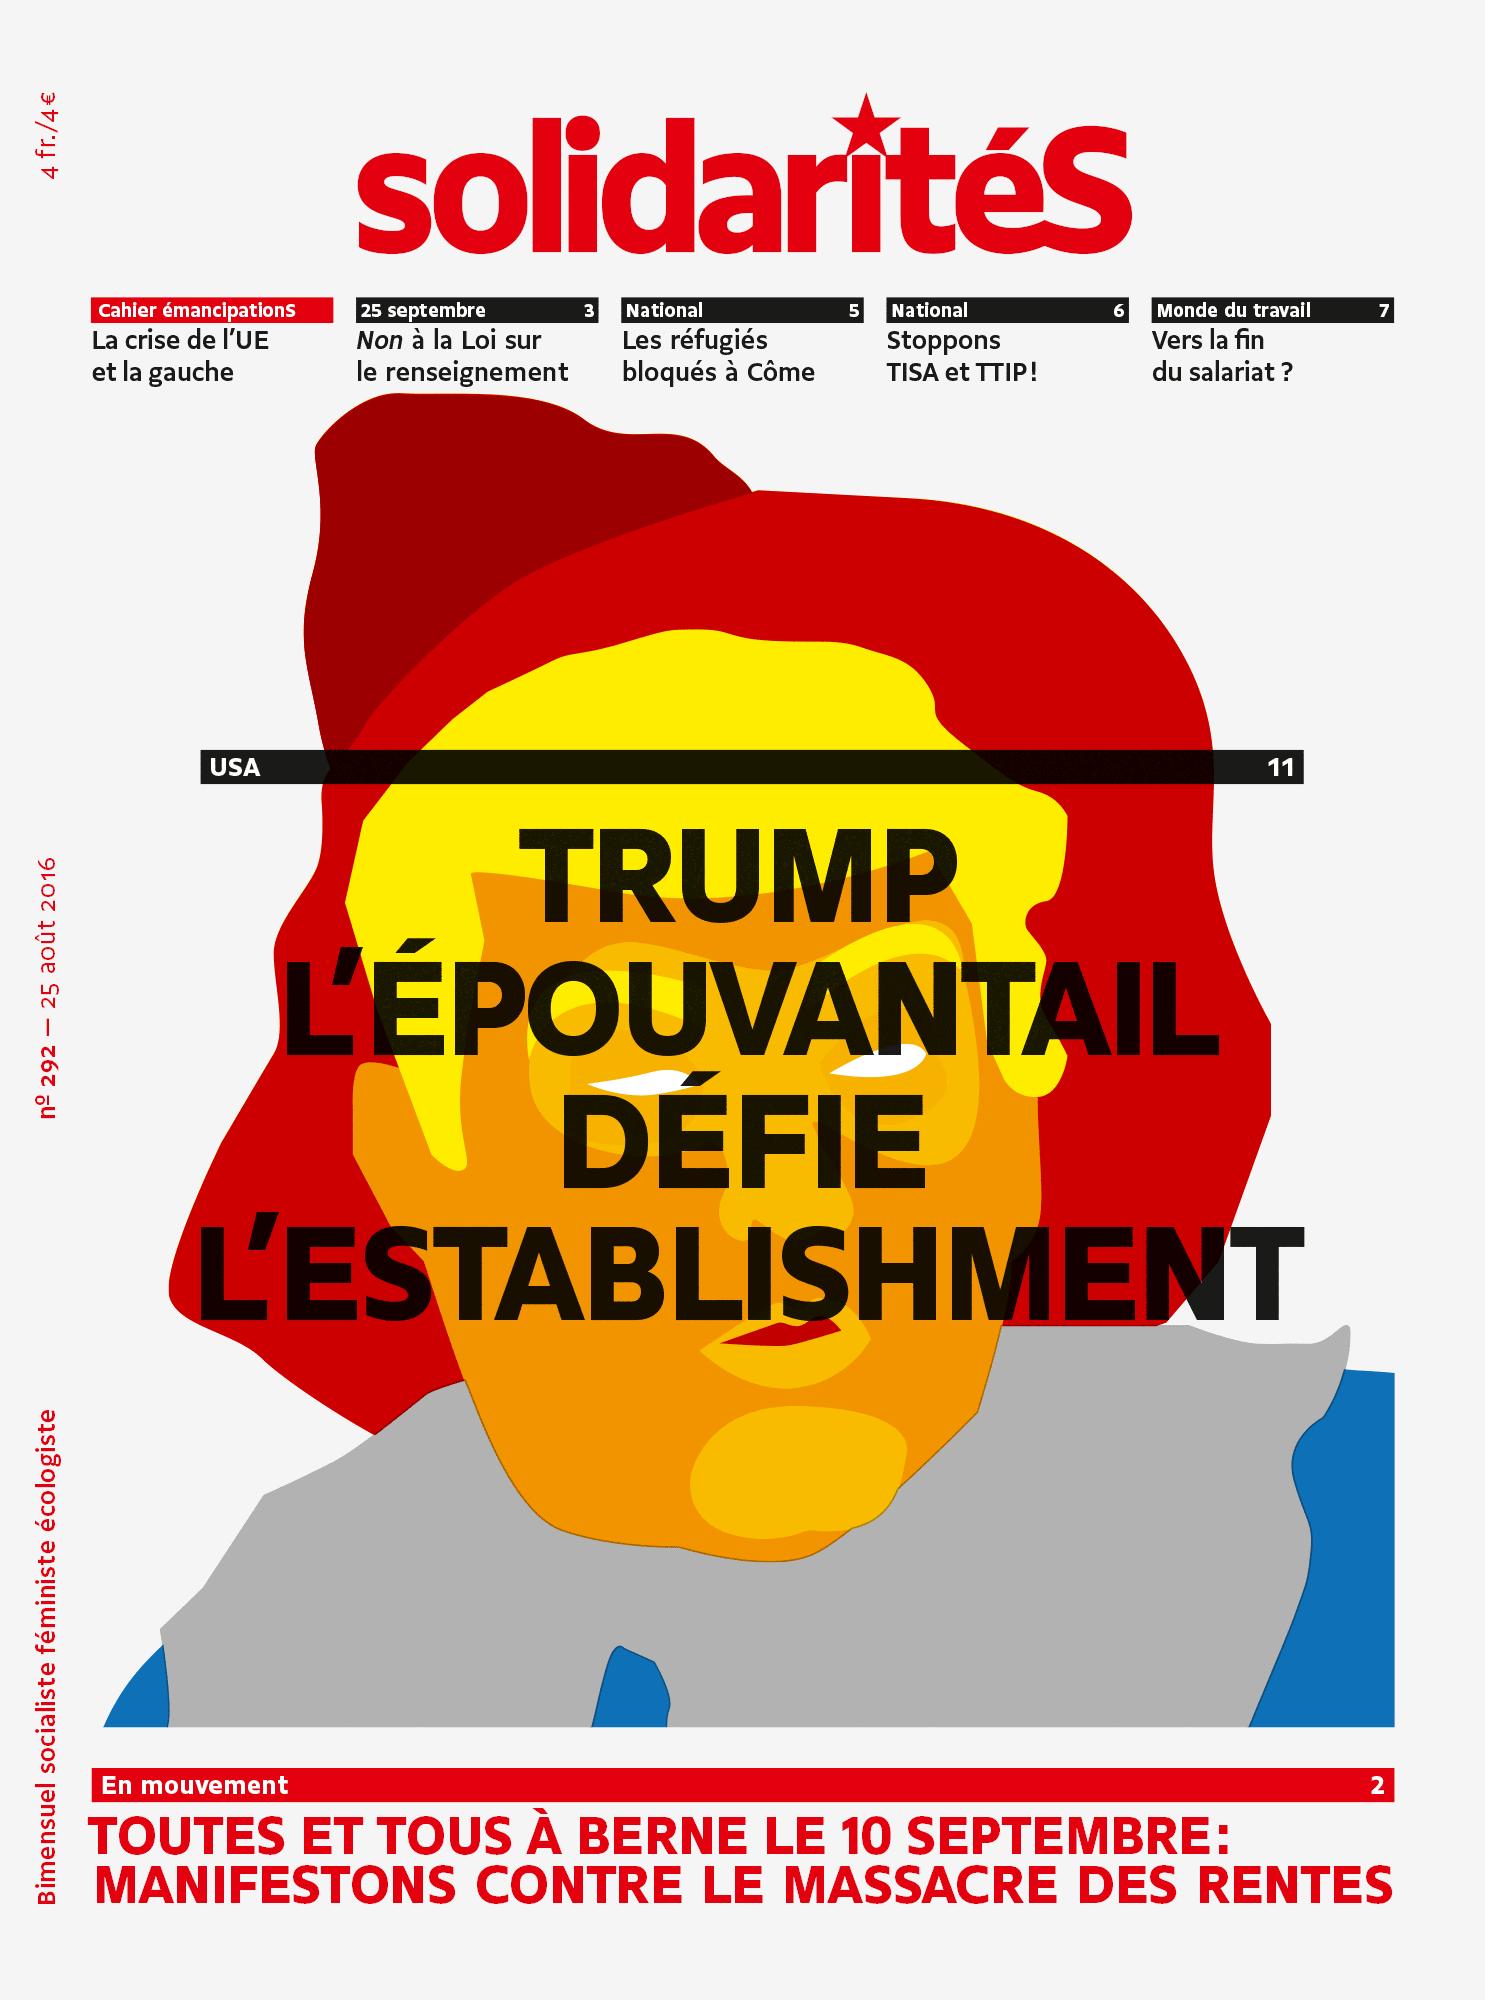 Couverture du numéro 292 du bimensuel solidaritéS